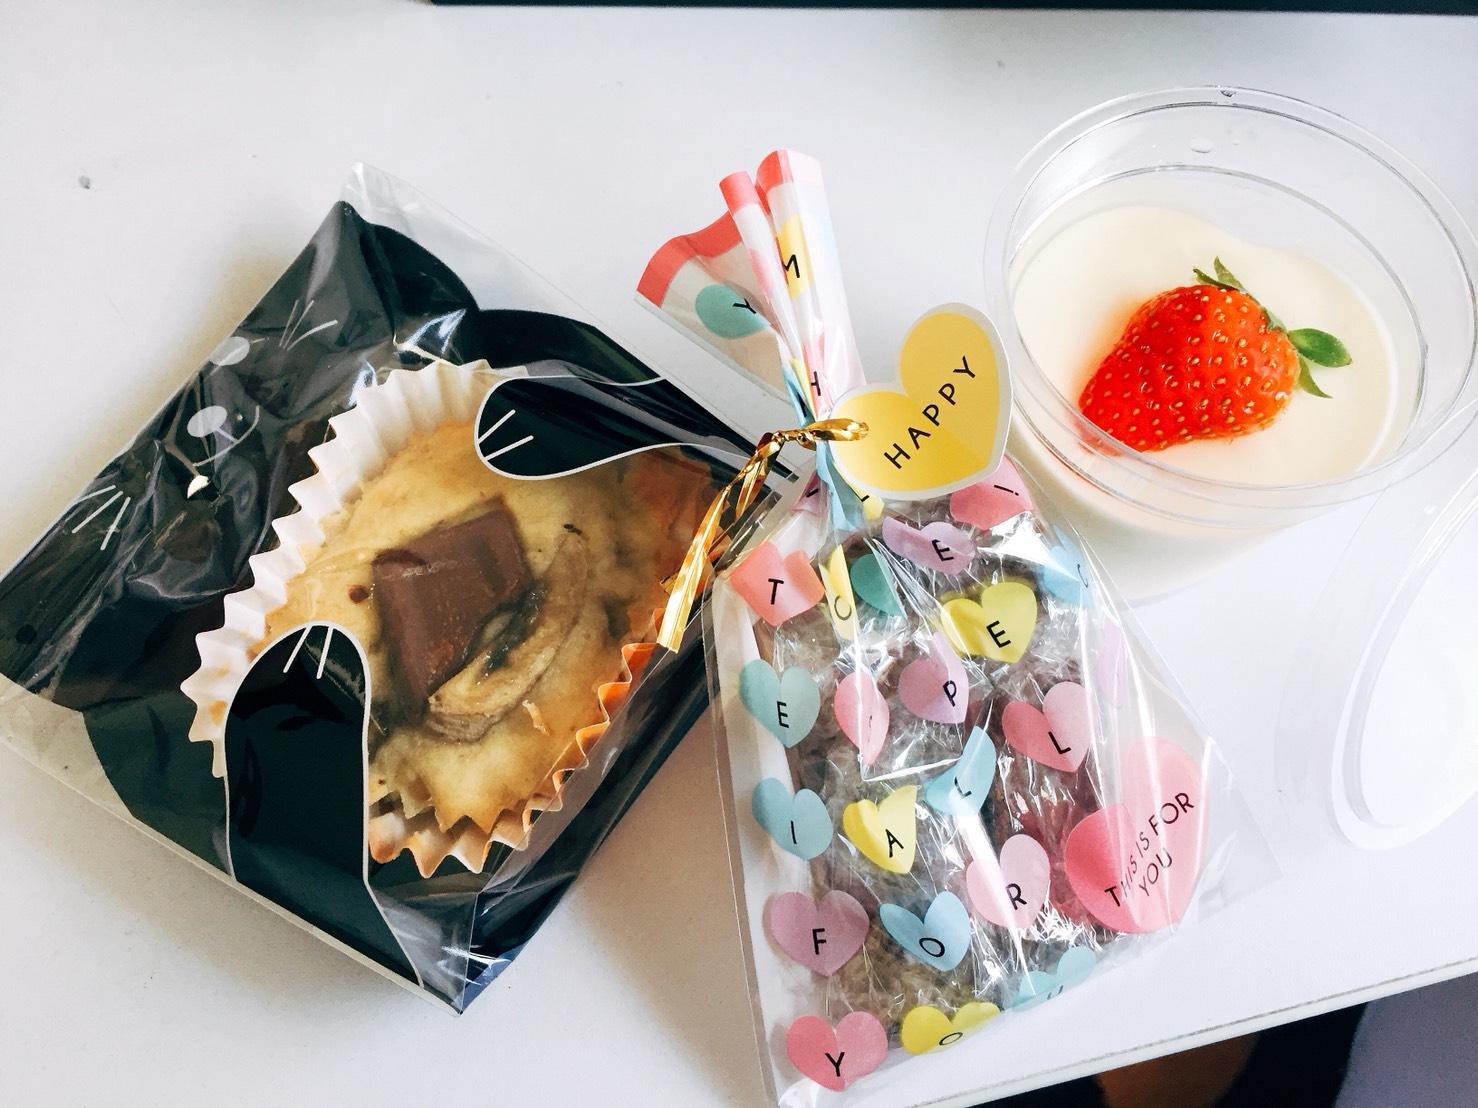 ハッピーバレンタイン♡のイメージ